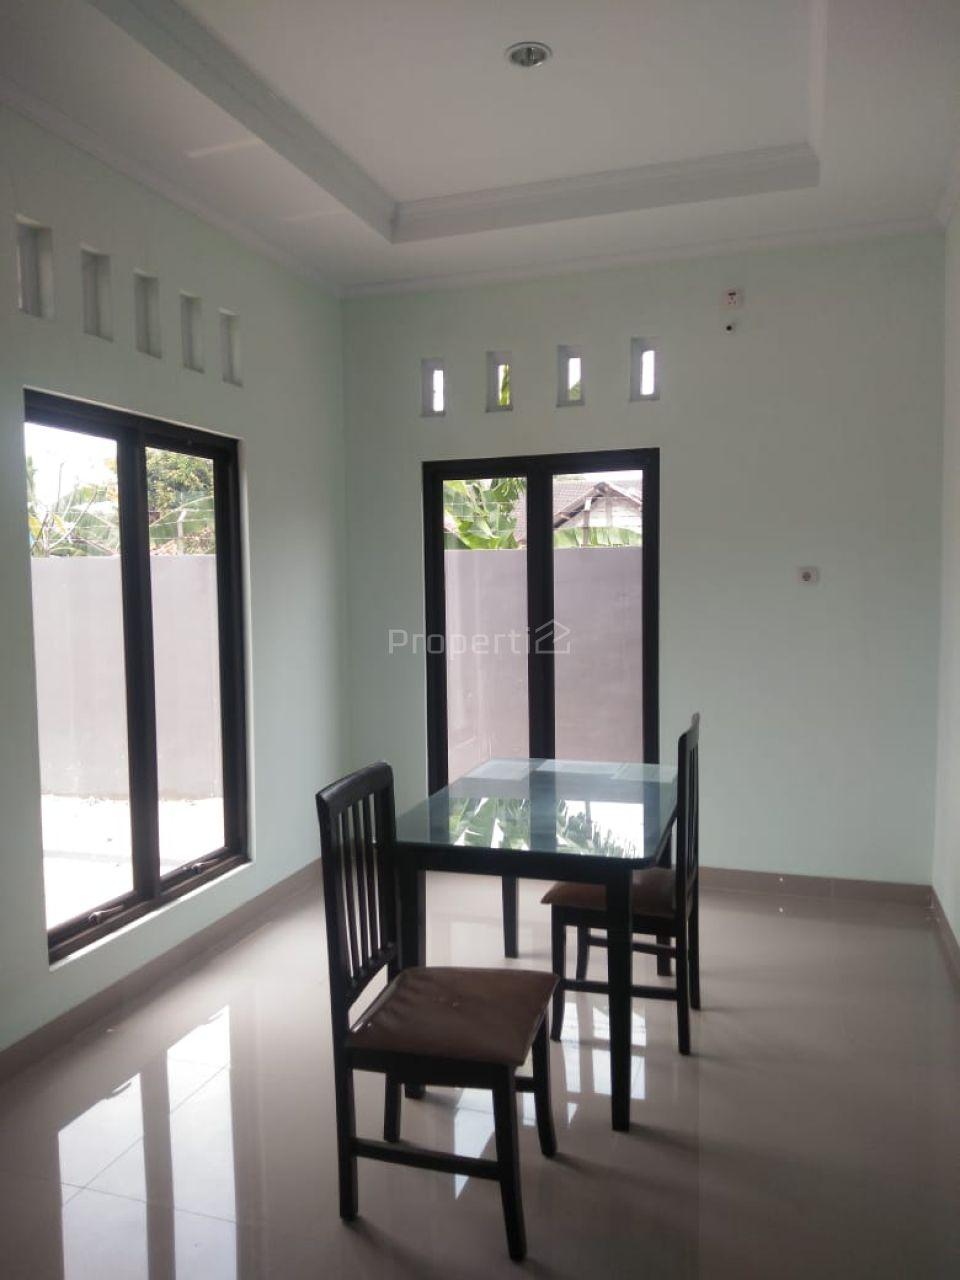 New House in Strategic Cluster in Pamulang, Kota Tangerang Selatan